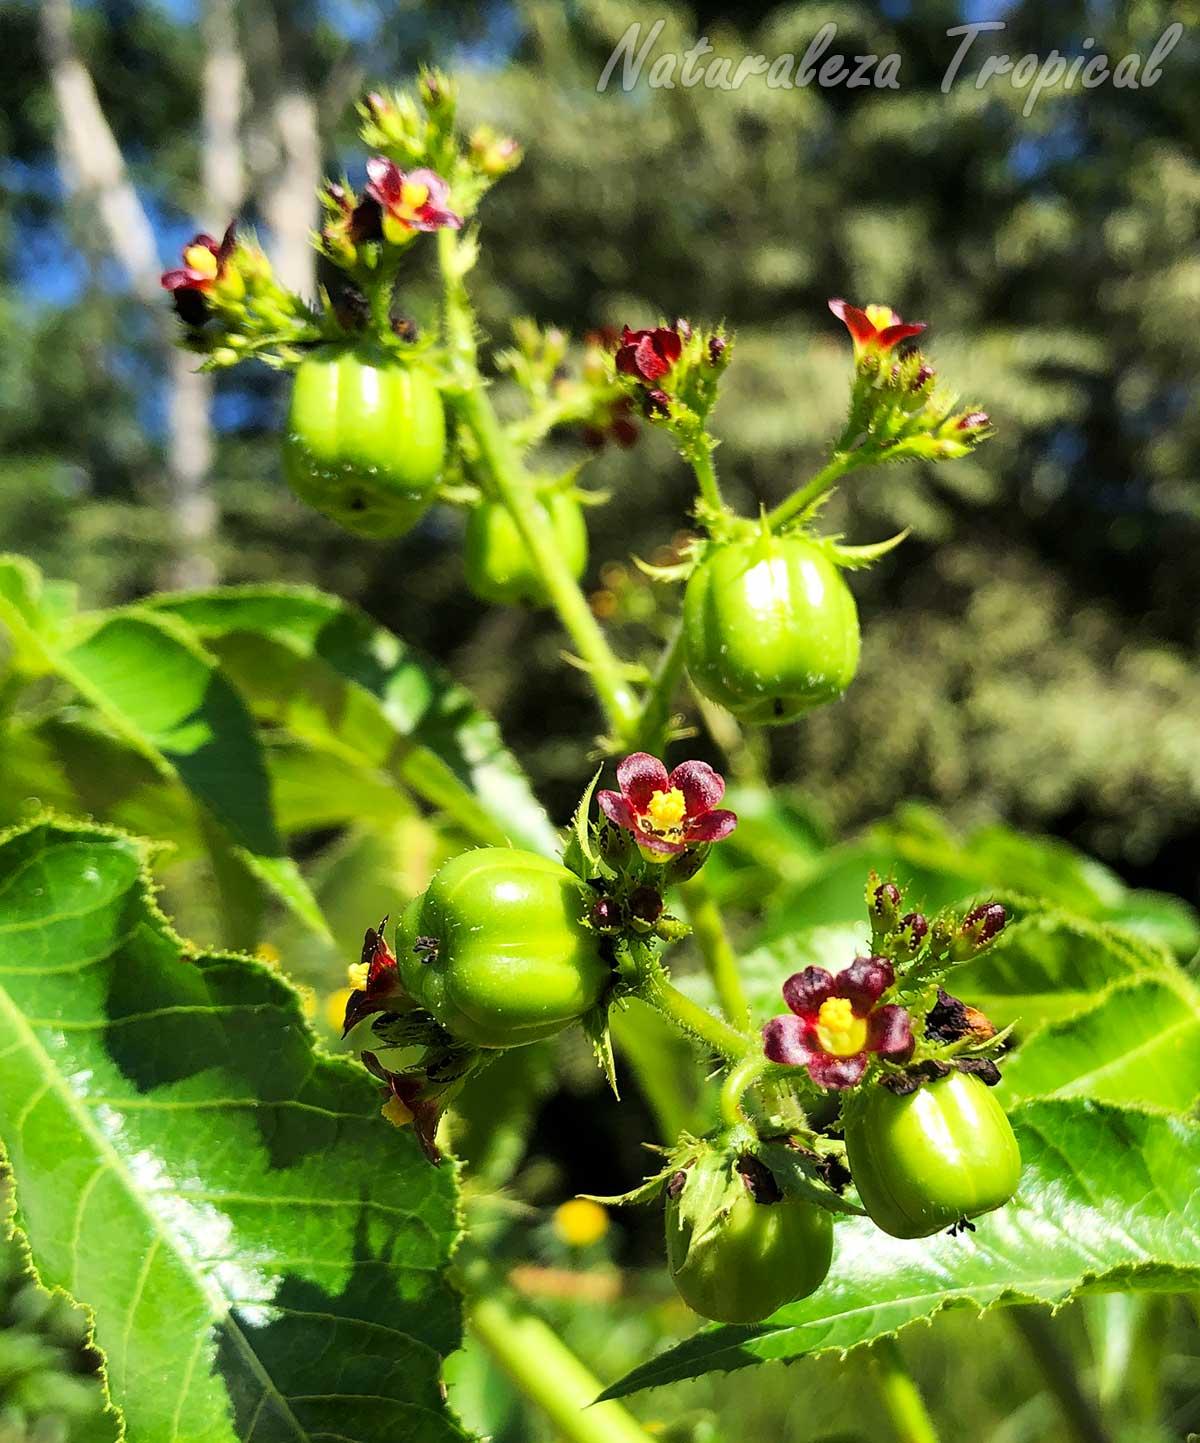 Flores y frutos de la planta Tuatua, Jatropha gossypiifolia